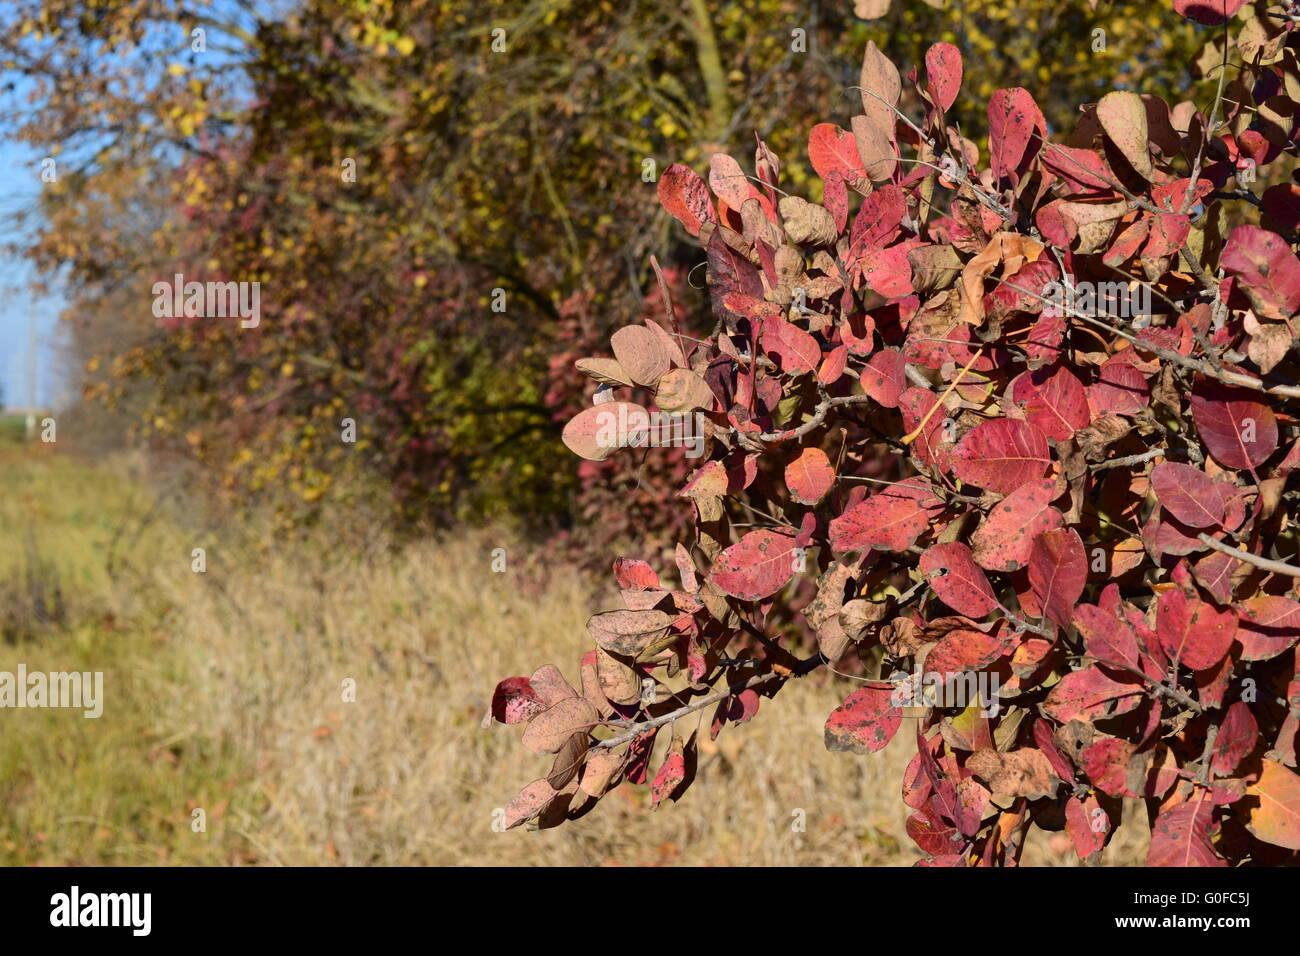 Colores del Otoño hojas de cotinus coggygria crece en un cinturón de bosques. Foto de stock